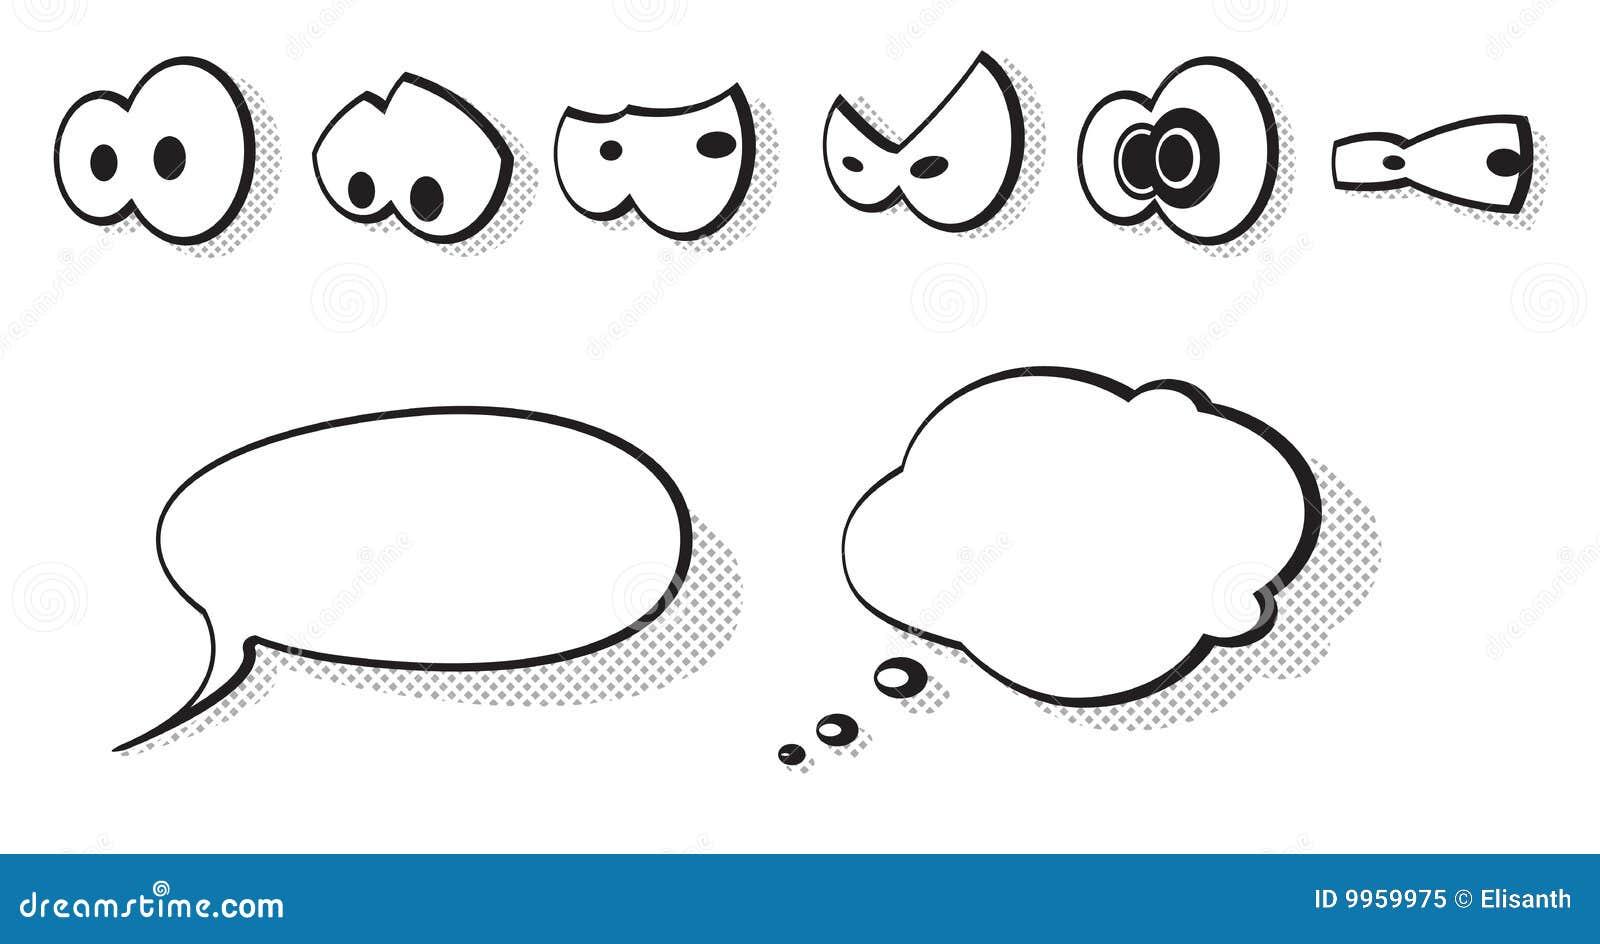 Vecteur réglé par yeux de dessin animé